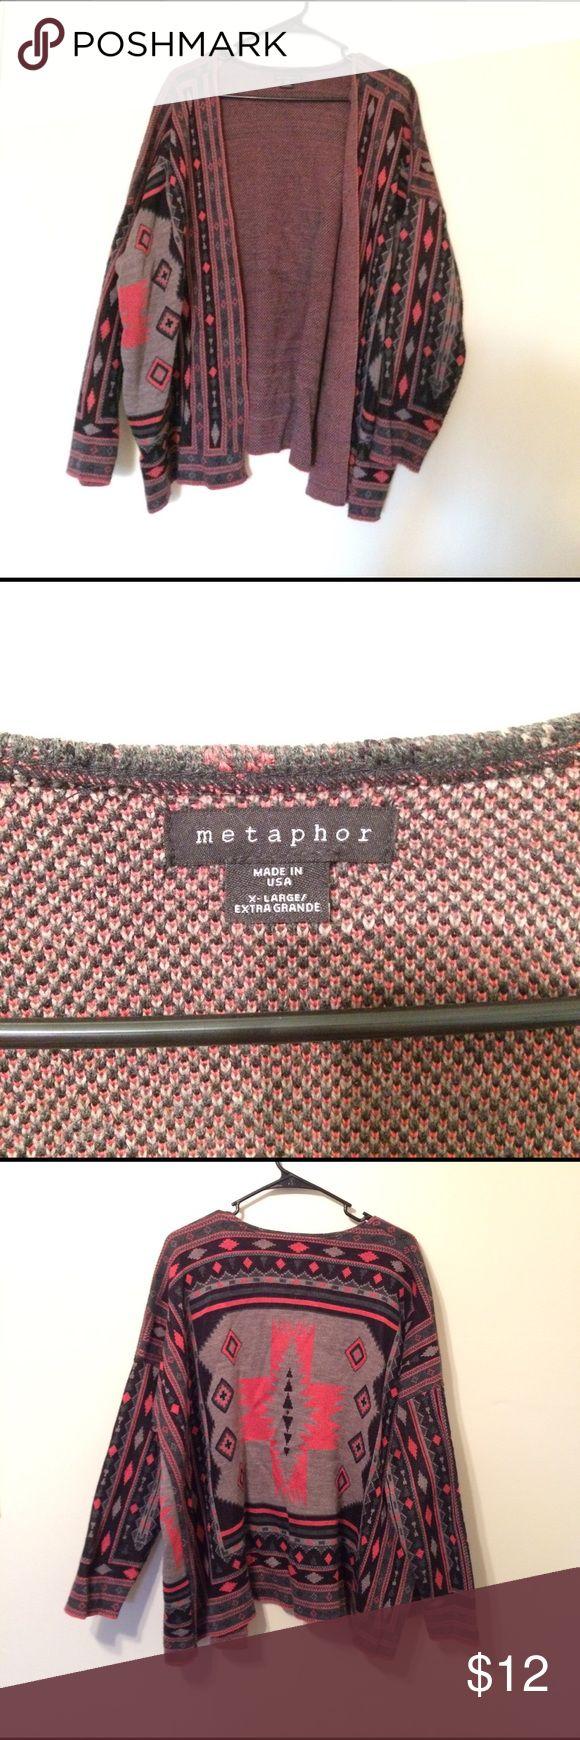 Aztec print cardigan Aztec print open cardigan. Gently worn. Baggy fit. Metaphor Sweaters Cardigans